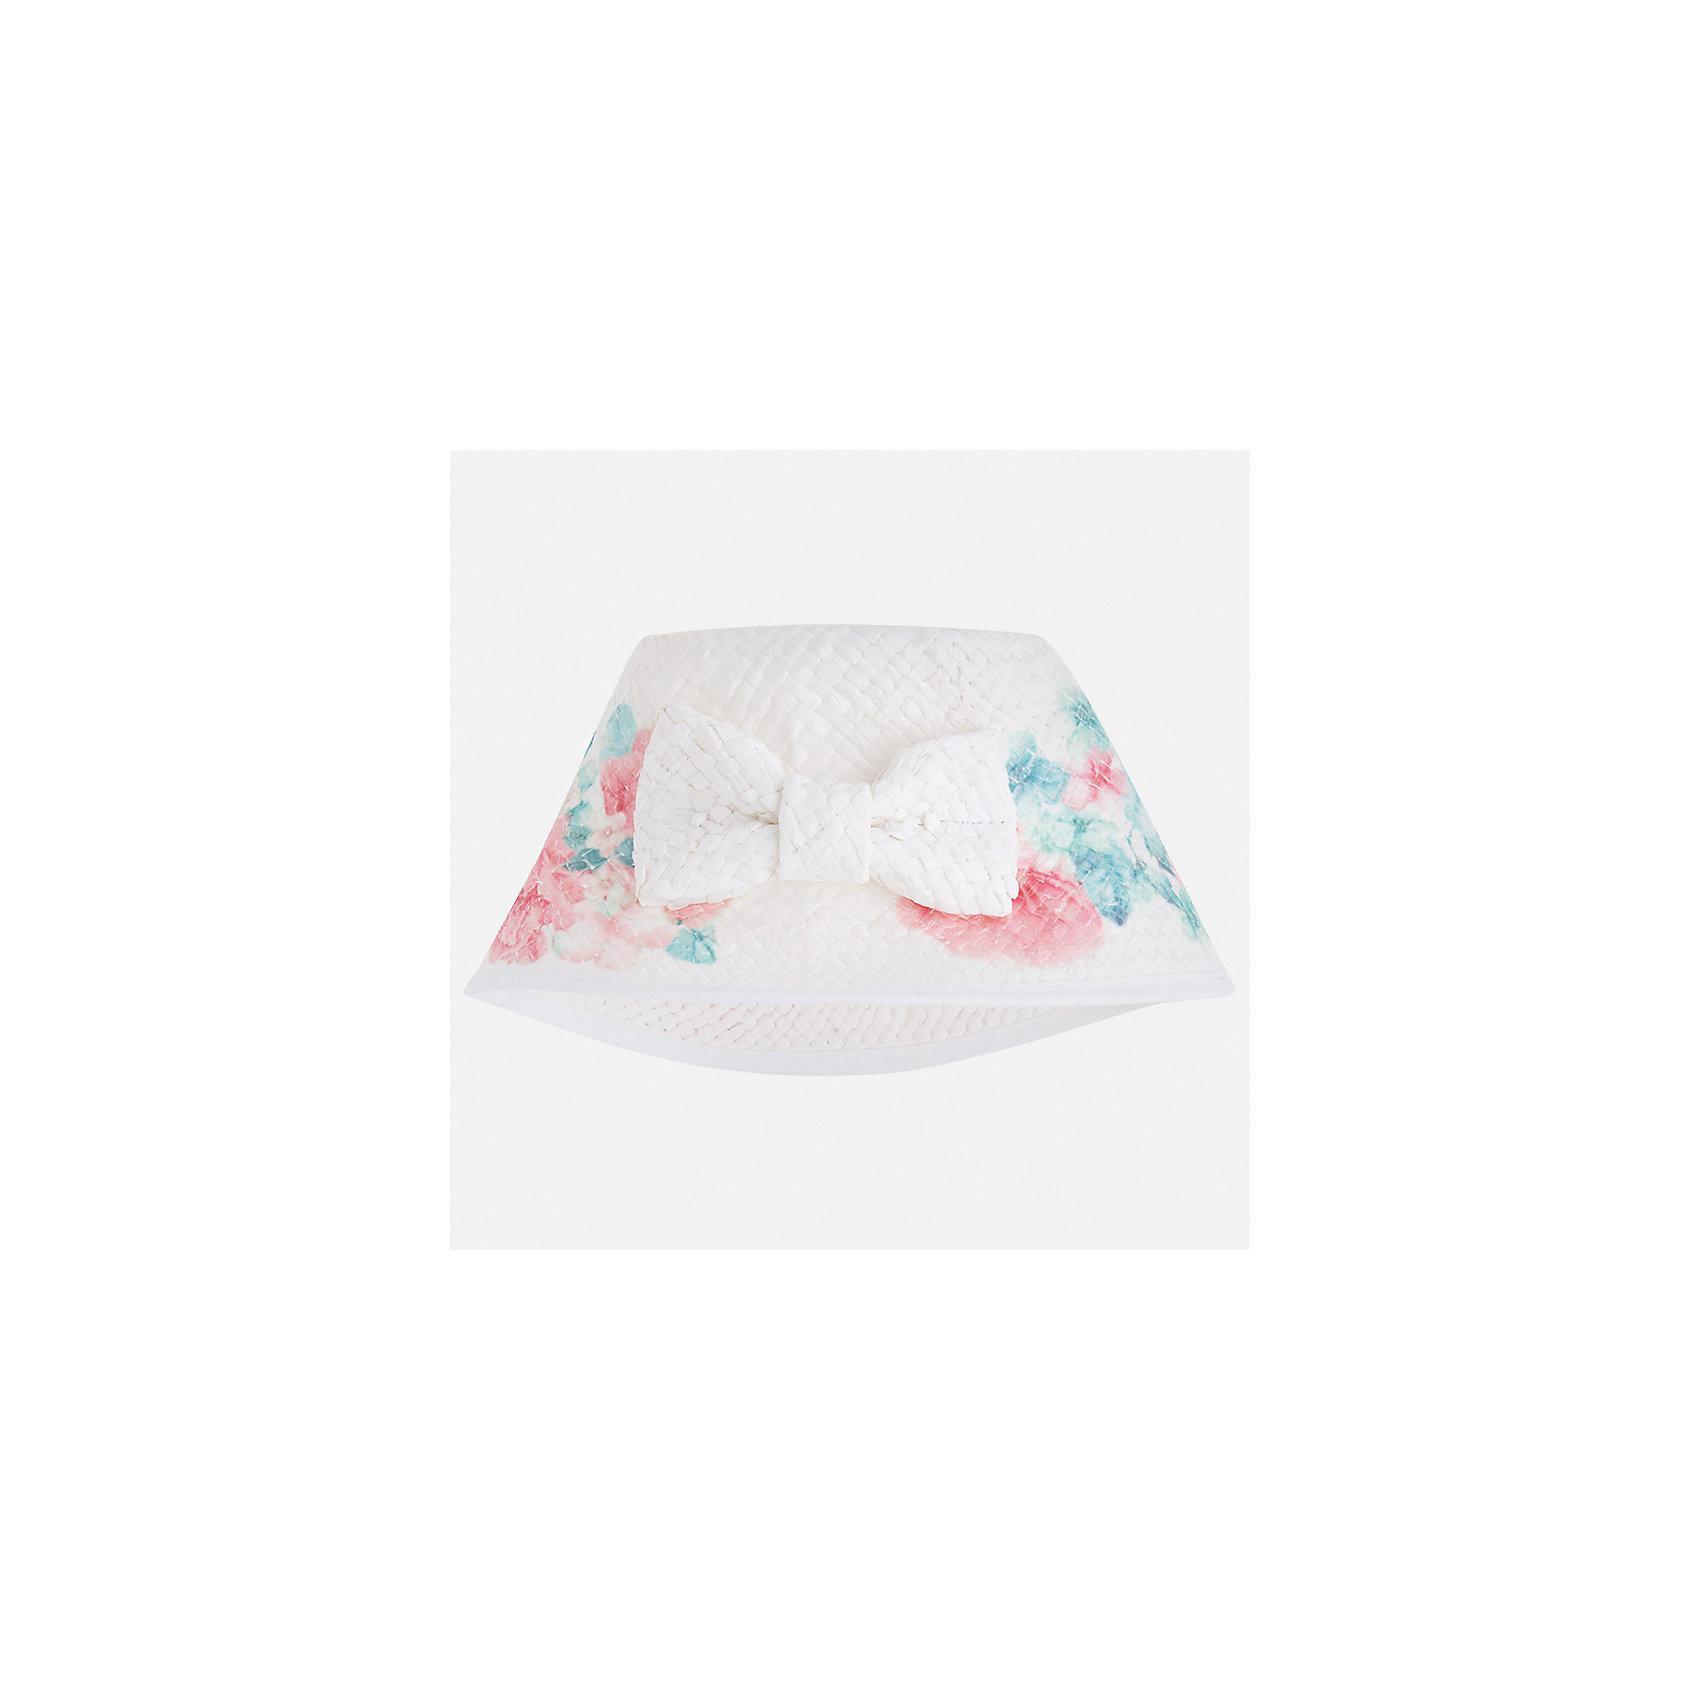 Шляпа для девочки MayoralГоловные уборы<br>Характеристики товара:<br><br>• цвет: белый<br>• состав: 100% бумага<br>• принт<br>• дышащая фактура<br>• декорирована бантом<br>• страна бренда: Испания<br><br>Красивая легкая шляпа для девочки поможет обеспечить ребенку защиту от солнца и дополнить наряд. Универсальный цвет позволяет надевать её под наряды различных расцветок. Шляпа удобно сидит и красиво смотрится. <br><br>Одежда, обувь и аксессуары от испанского бренда Mayoral полюбились детям и взрослым по всему миру. Модели этой марки - стильные и удобные. Для их производства используются только безопасные, качественные материалы и фурнитура. Порадуйте ребенка модными и красивыми вещами от Mayoral! <br><br>Шляпу для девочки от испанского бренда Mayoral (Майорал) можно купить в нашем интернет-магазине.<br><br>Ширина мм: 89<br>Глубина мм: 117<br>Высота мм: 44<br>Вес г: 155<br>Цвет: белый<br>Возраст от месяцев: 24<br>Возраст до месяцев: 36<br>Пол: Женский<br>Возраст: Детский<br>Размер: 50,54,52<br>SKU: 5293519